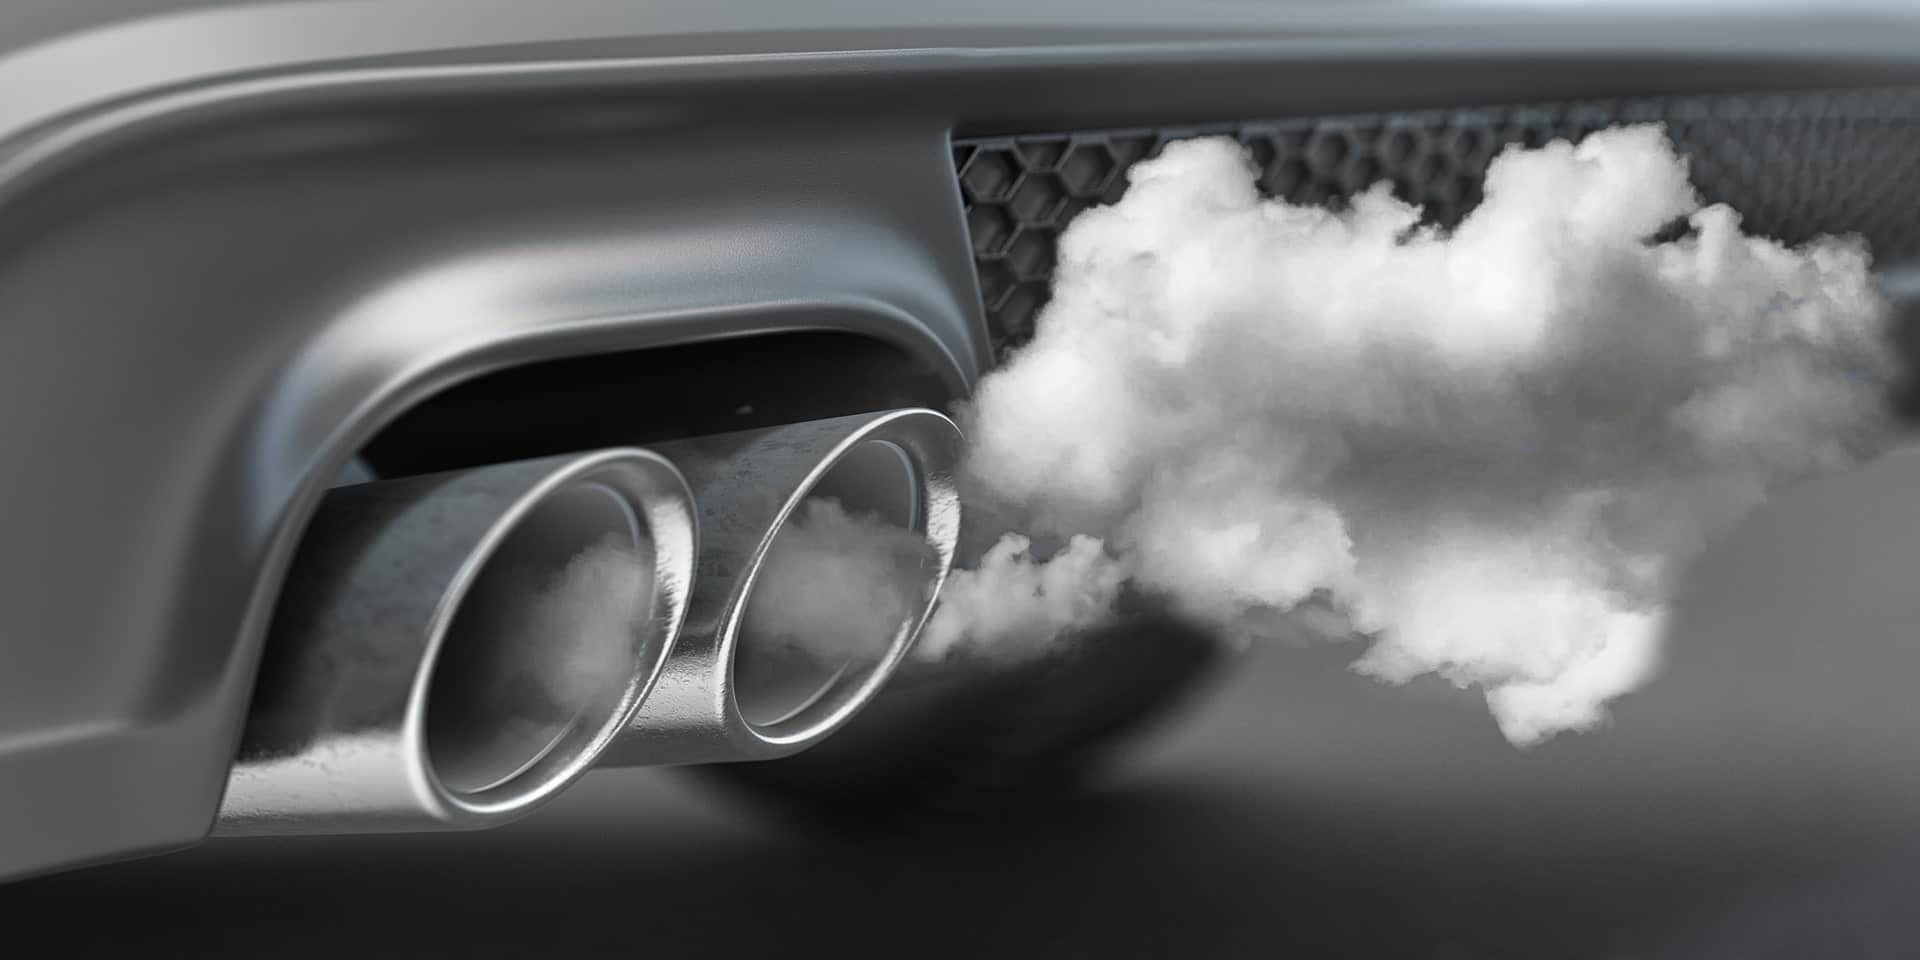 Comment connaître le taux d'émission de CO2 de son véhicule ?